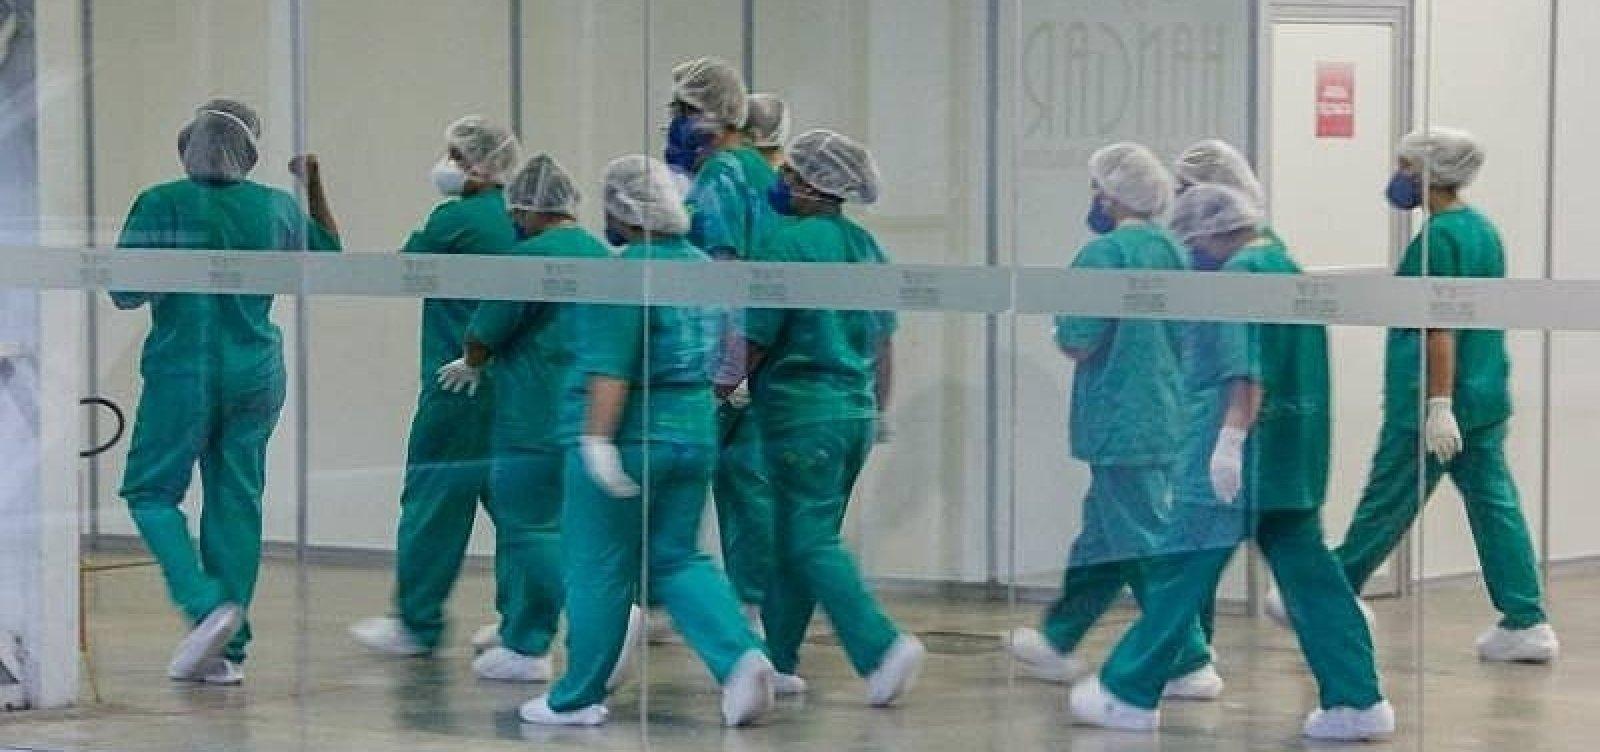 Estados Unidos batem novo recorde e registram mais de 4 mil mortes por Covid em um único dia